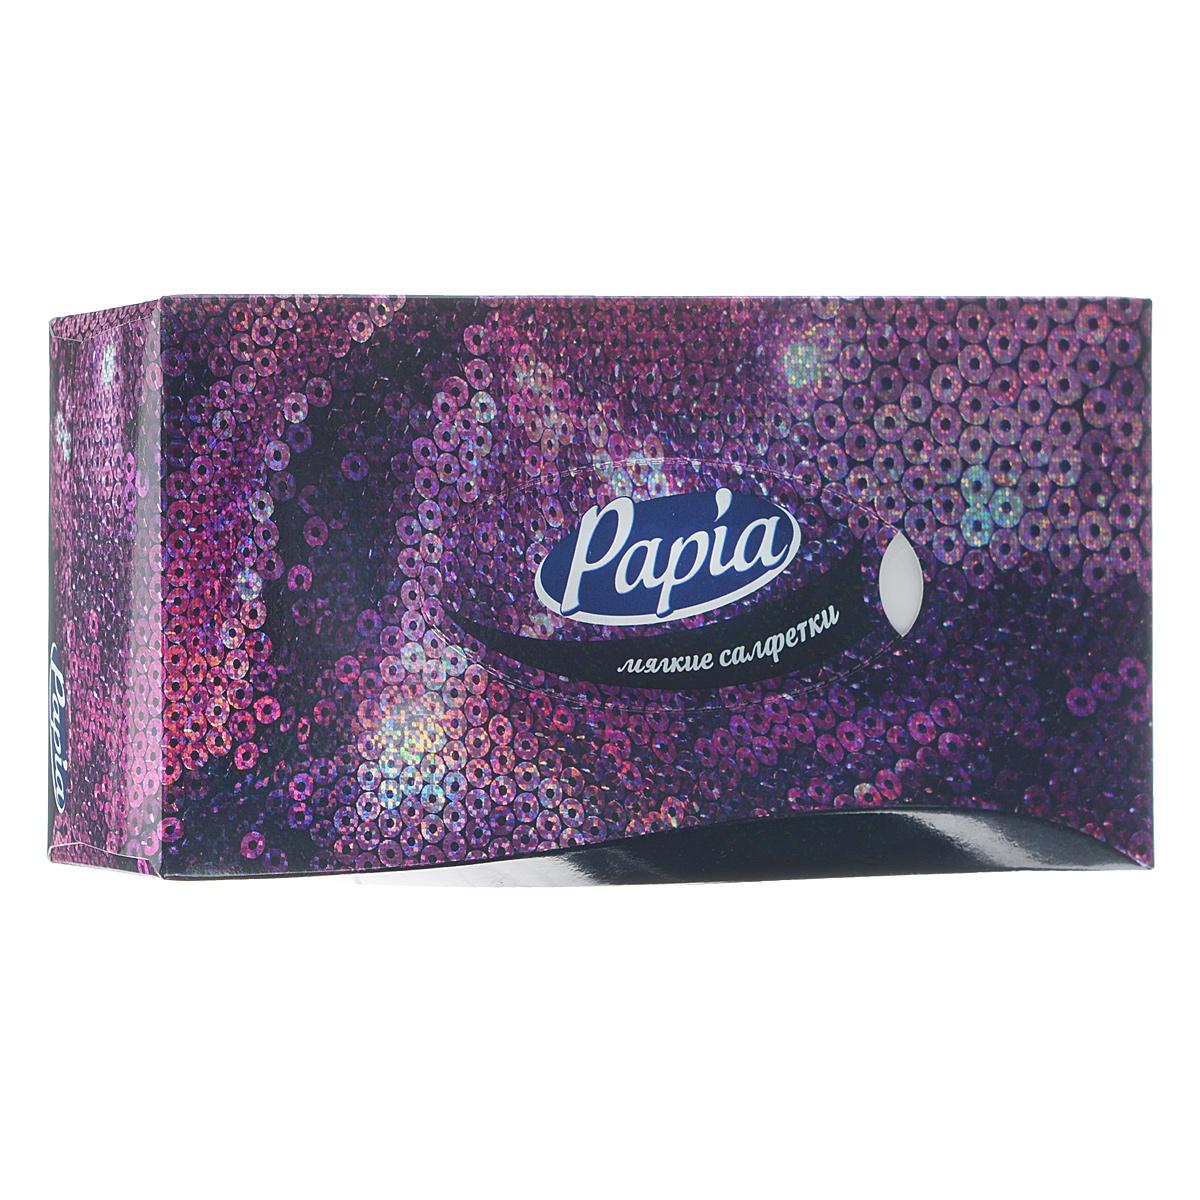 Салфетки бумажные Papia, трехслойные, цвет: фиолетовый, 21 x 21 см, 80 шт15309_фиолетовыйТрехслойные салфетки Papia выполнены из 100% целлюлозы.Салфетки подходят для косметического, санитарно- гигиенического и хозяйственного назначения. Нежные имягкие, они удивят вас не только своим высоким качеством, нои внешним видом. Изделия упакованы в коробку, поэтому ихудобно использовать дома или взять с собой в офис илимашину.Размер салфеток: 21 х 21 см.